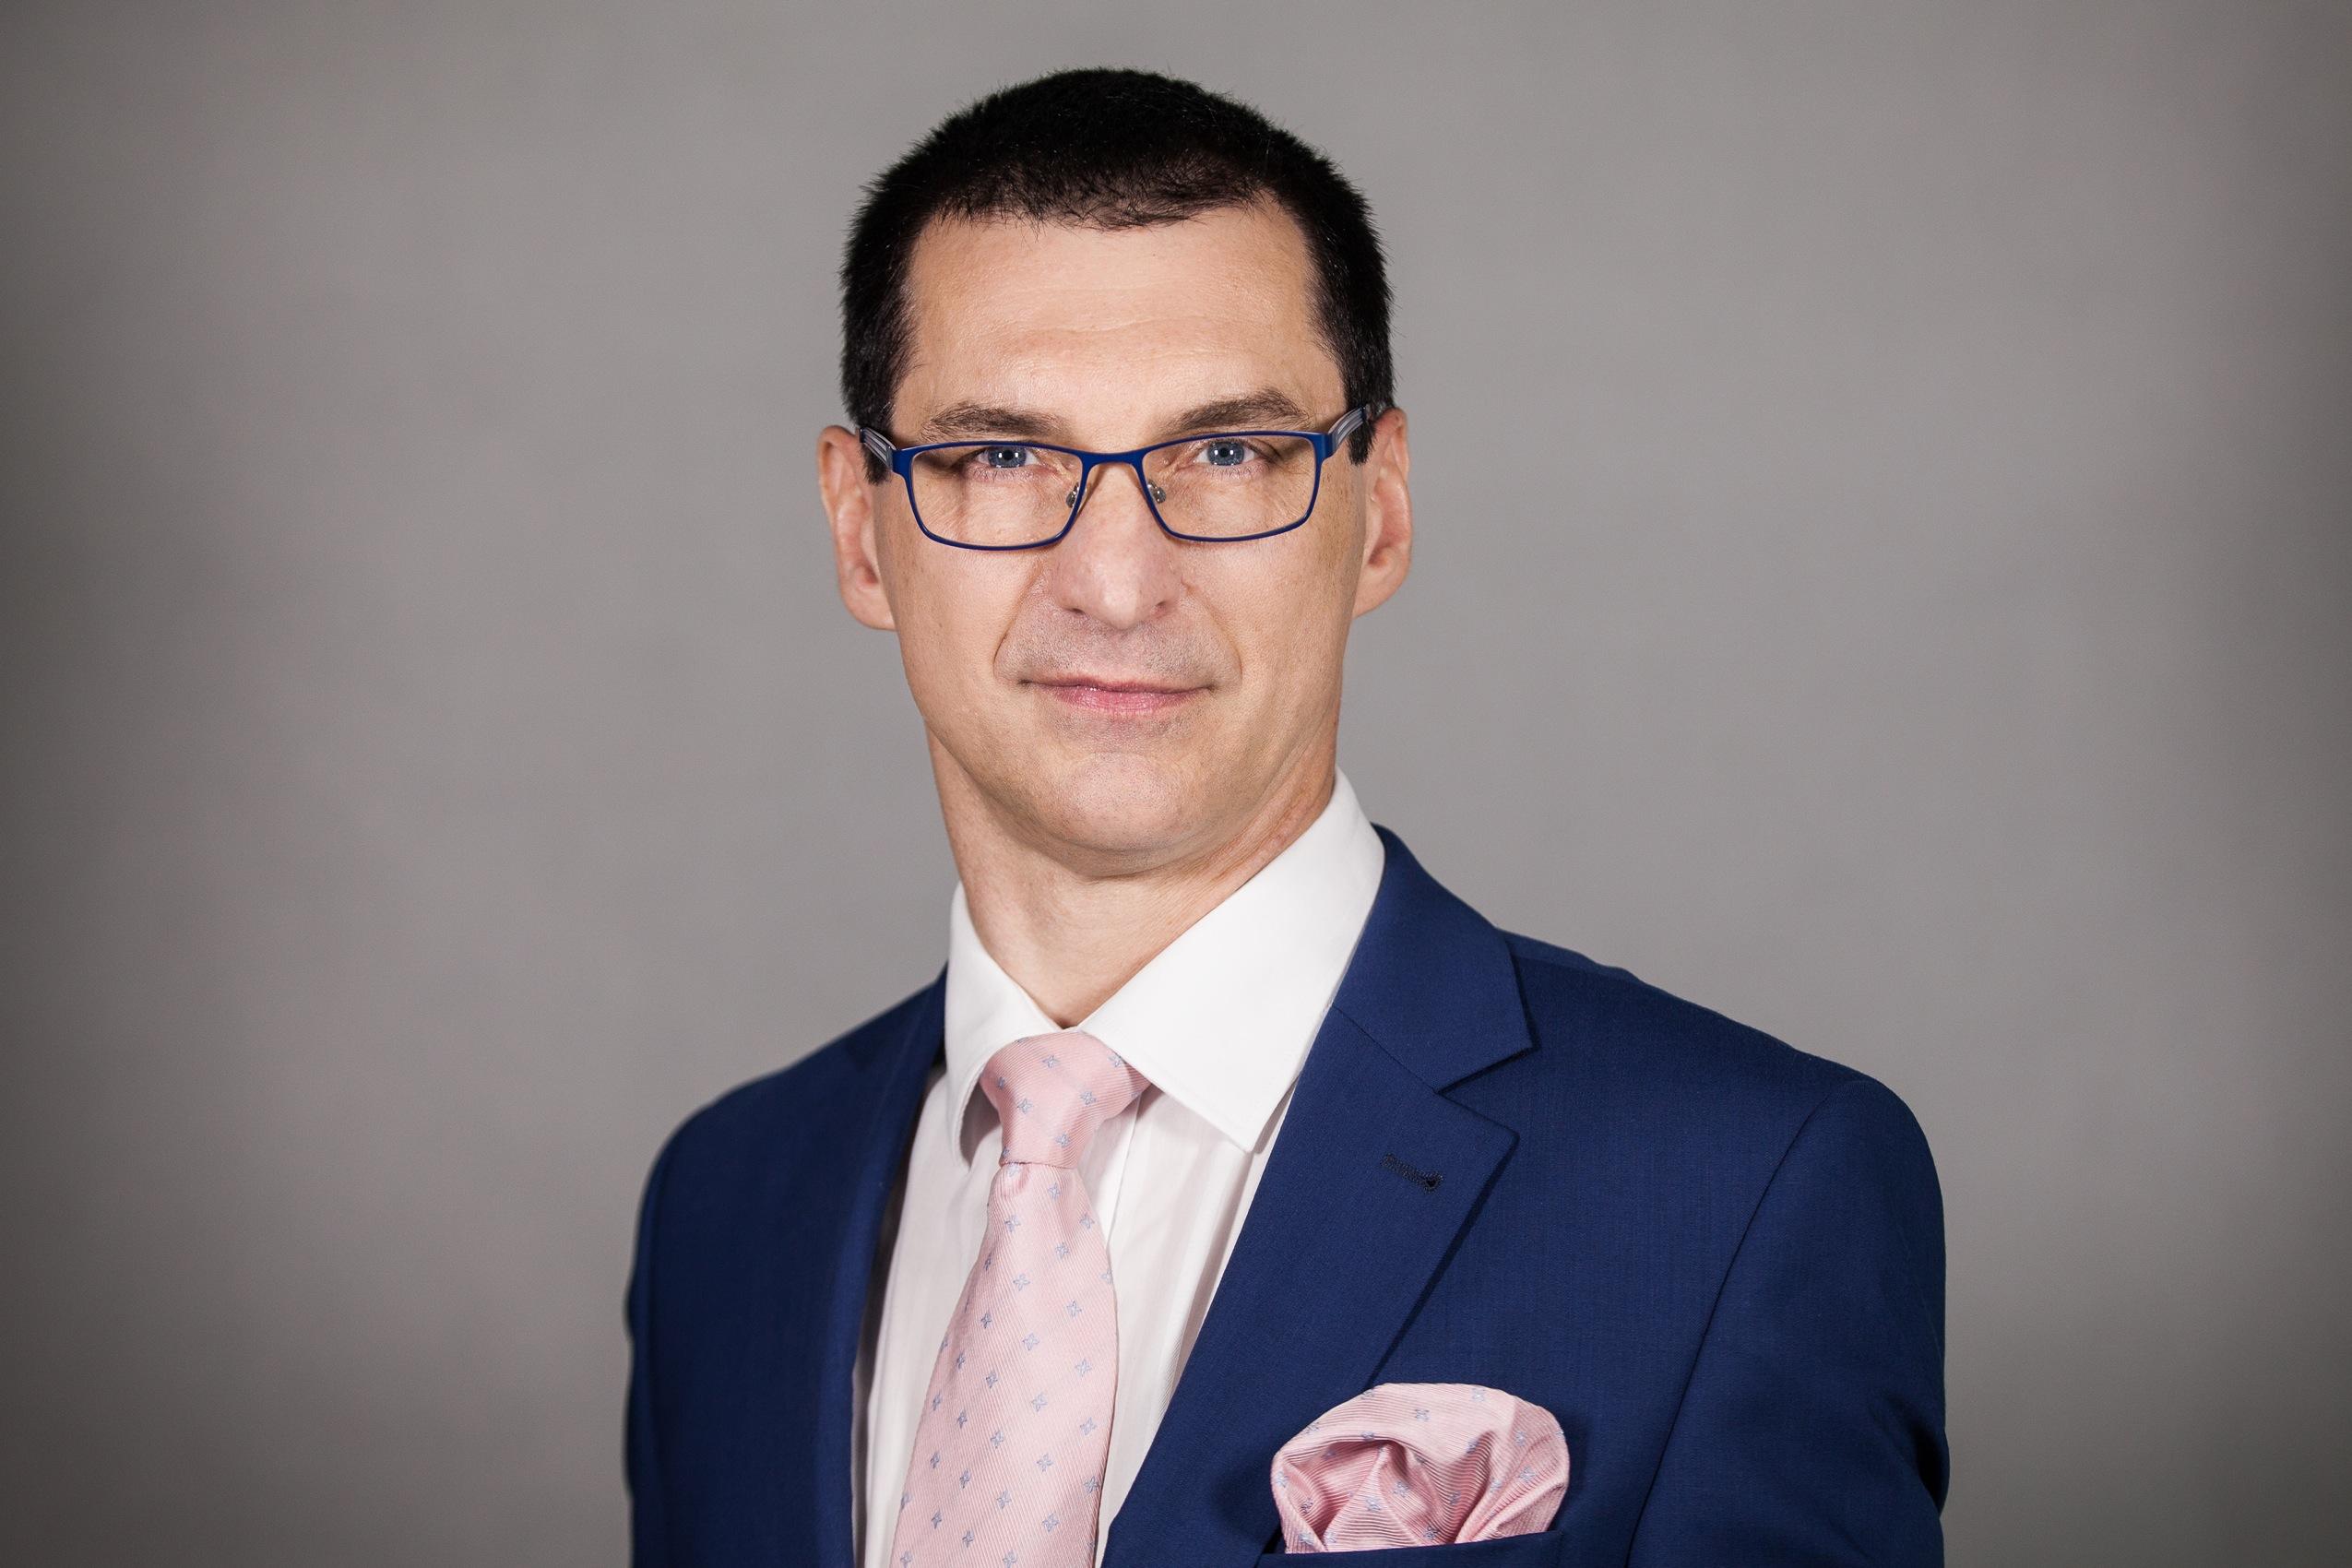 Artur Kluczny, fot. archiwum